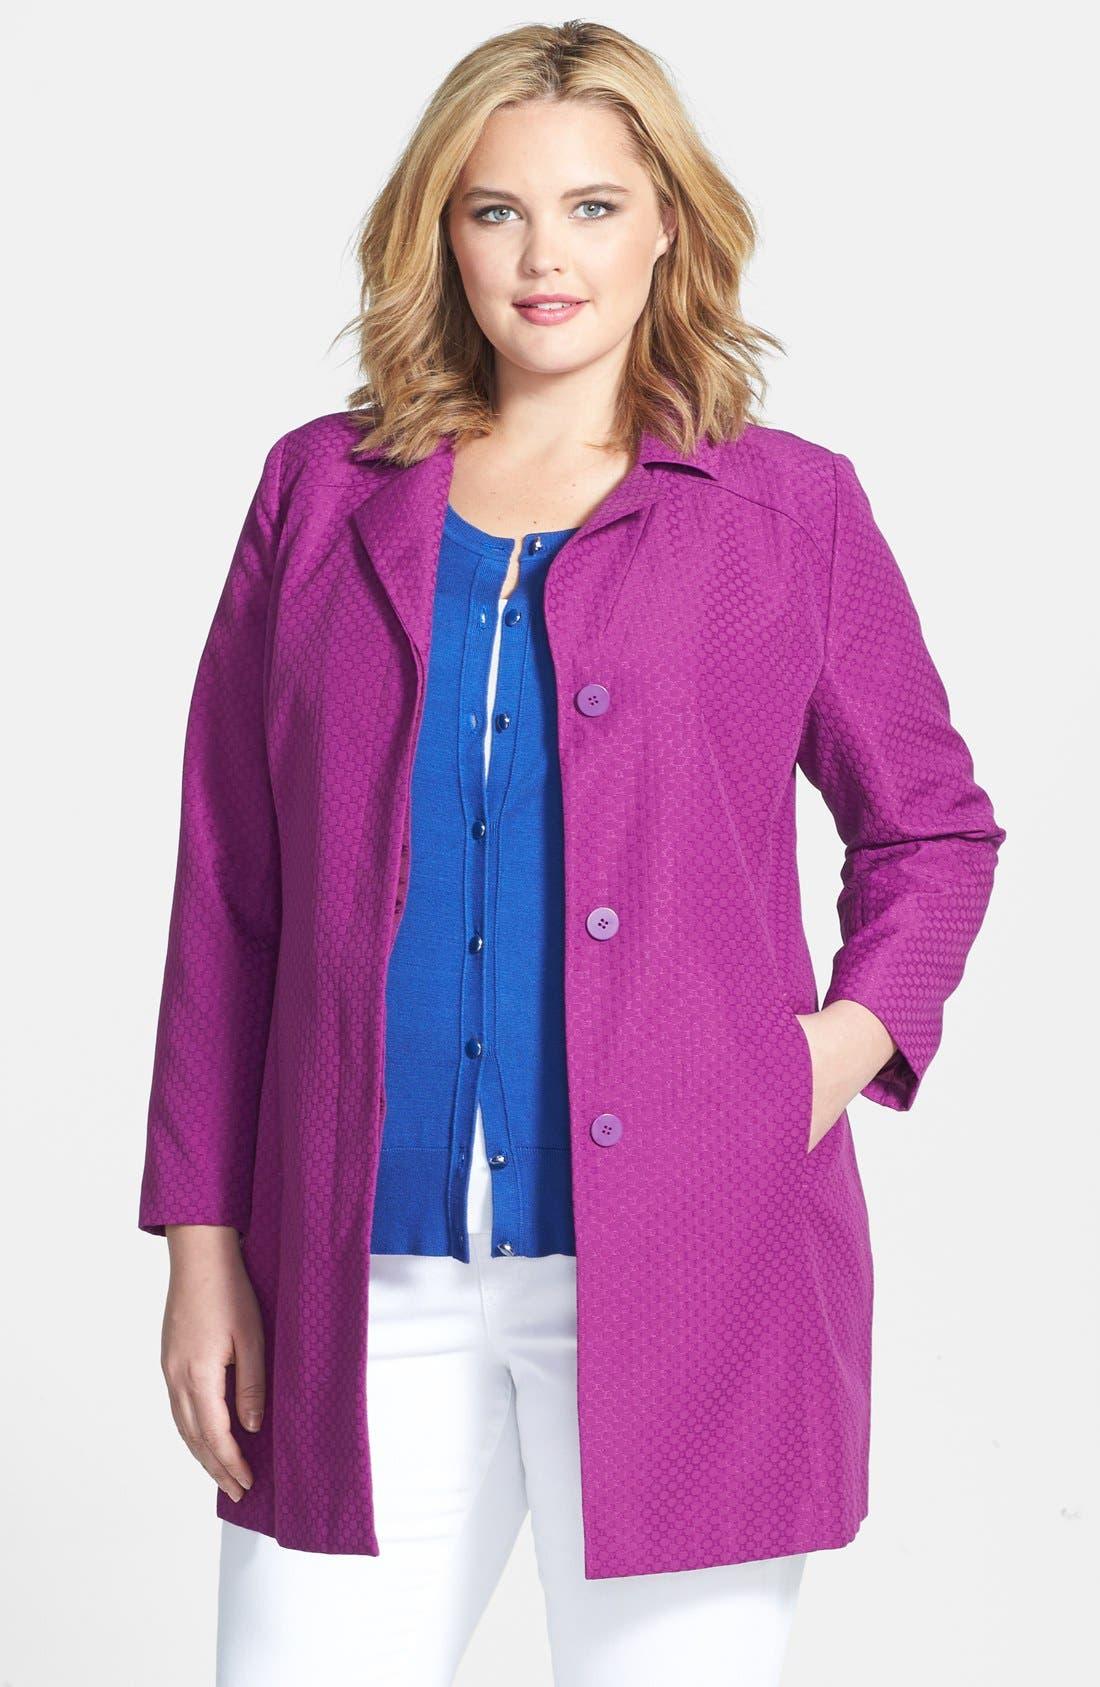 Main Image - Sejour Jacquard Topper Jacket (Plus Size)